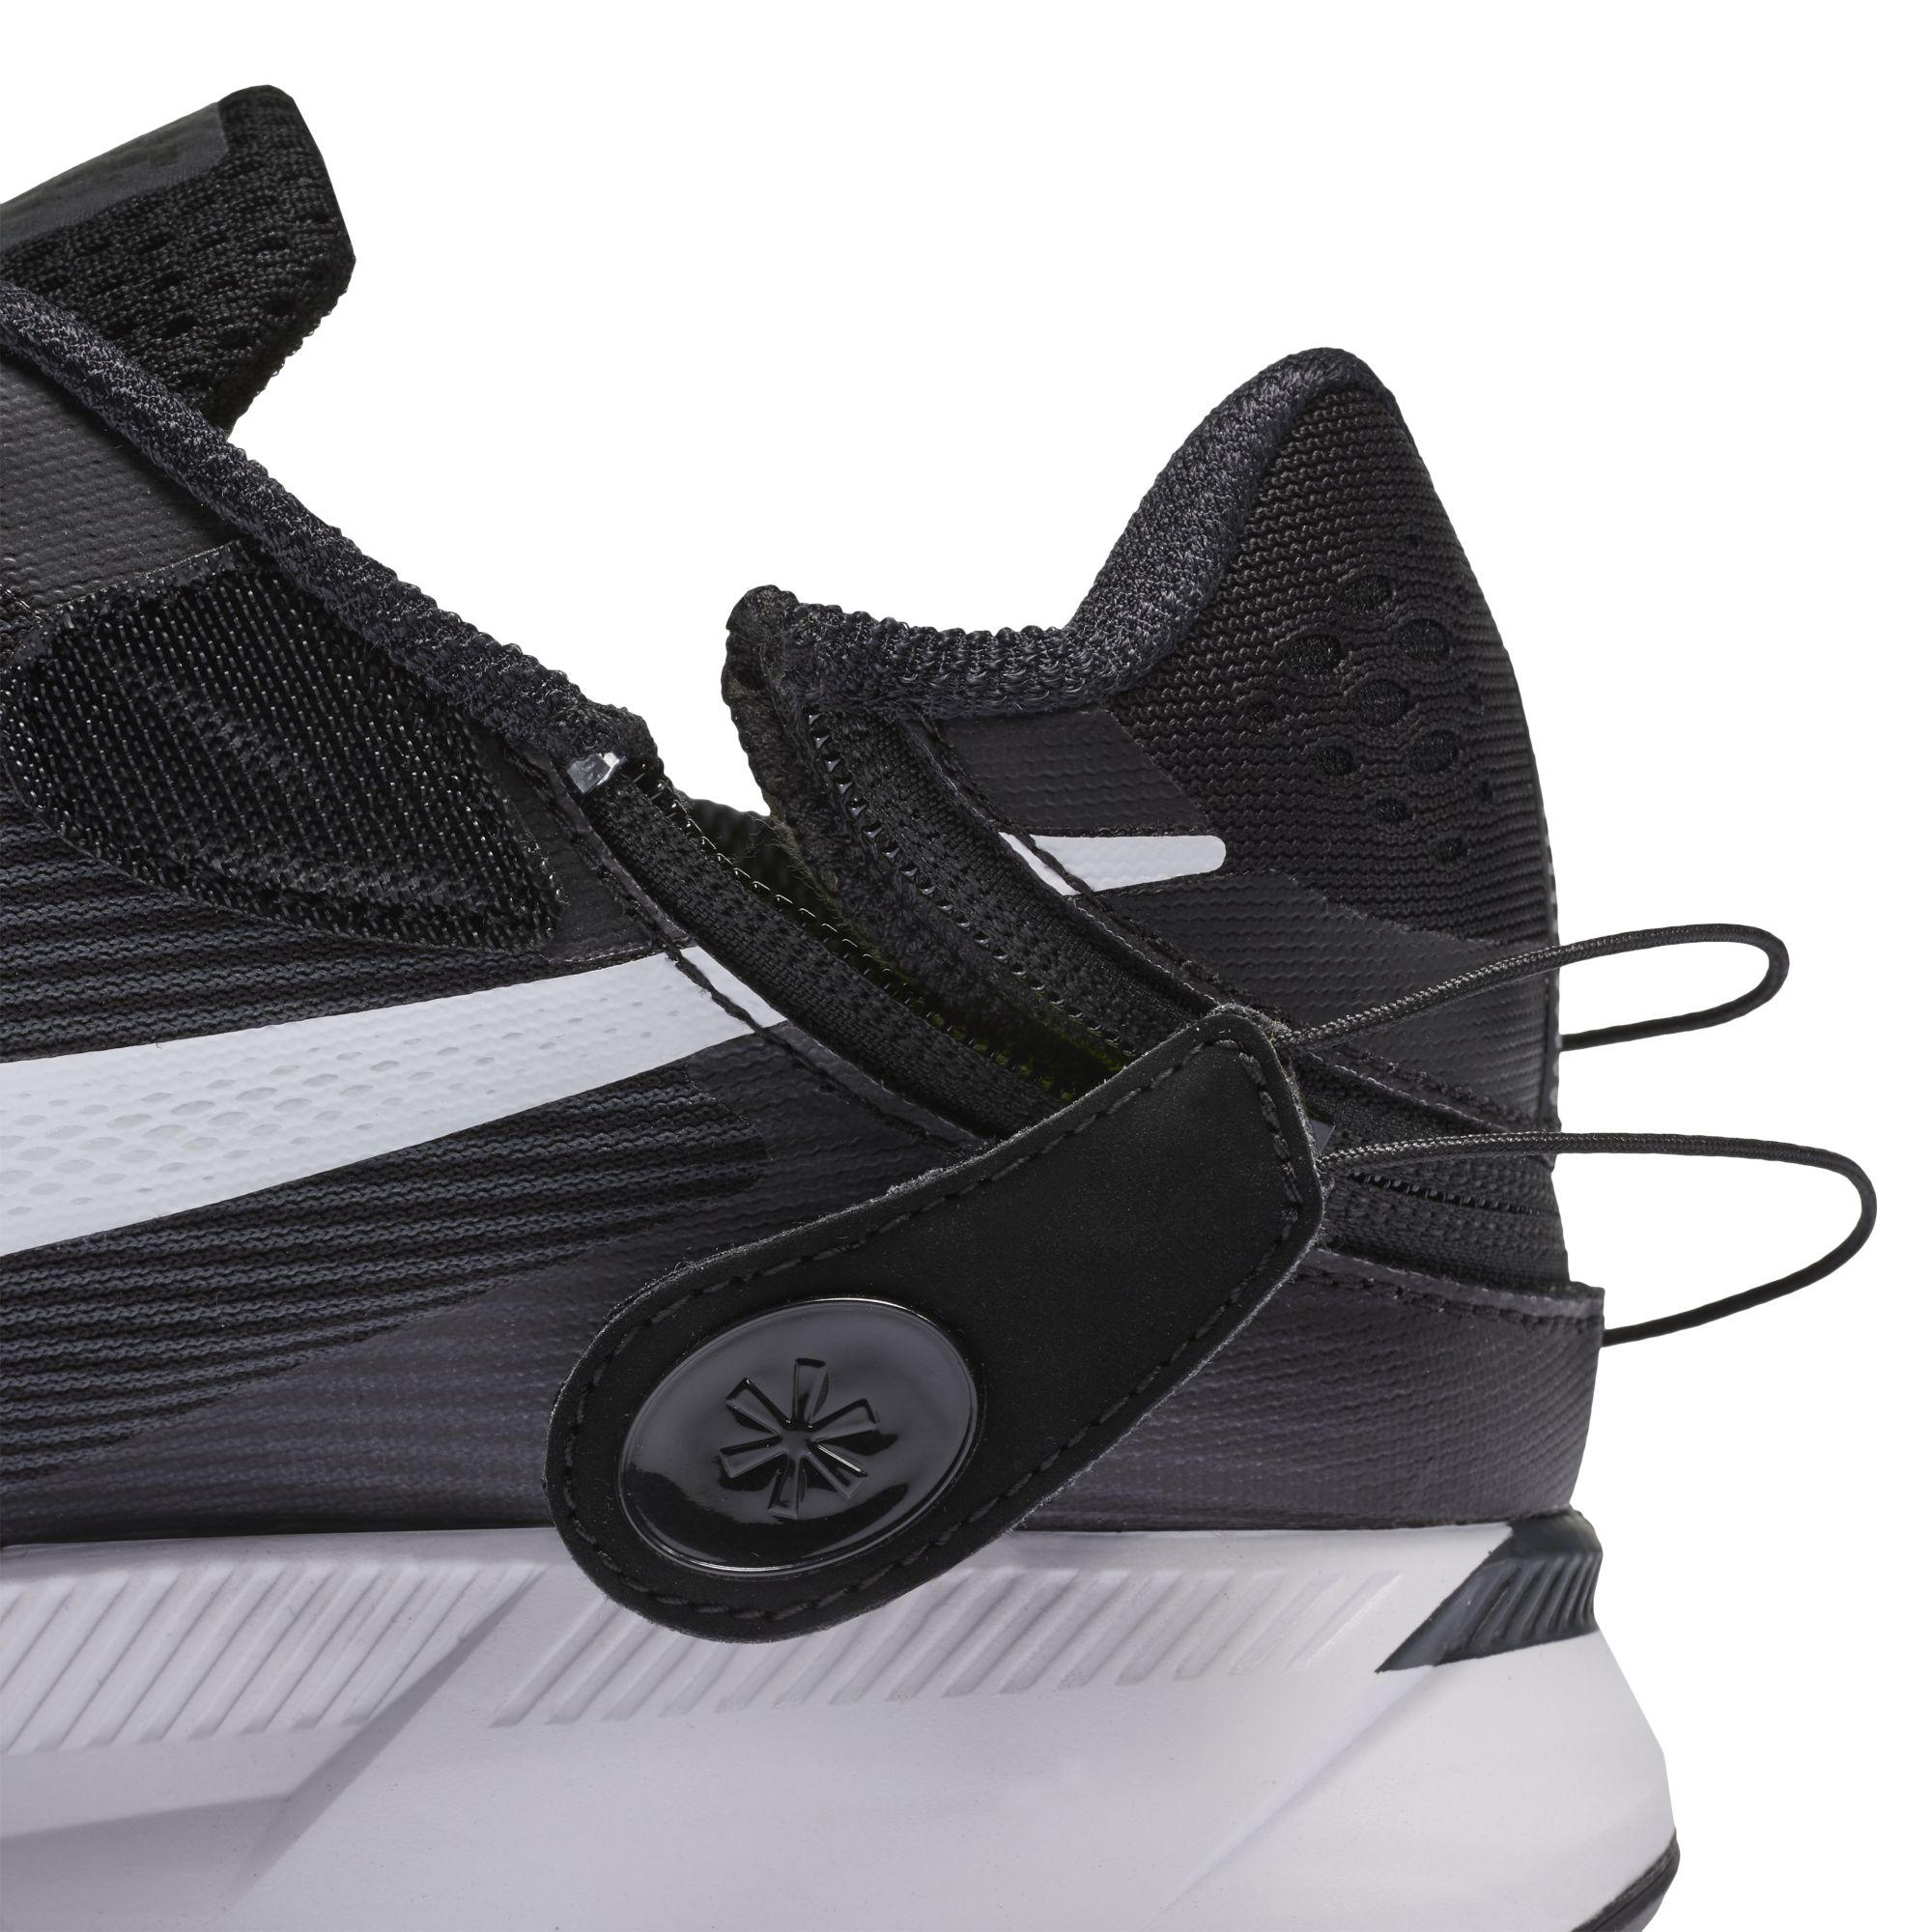 The Nike Air Zoom Pegasus 34 FlyEase